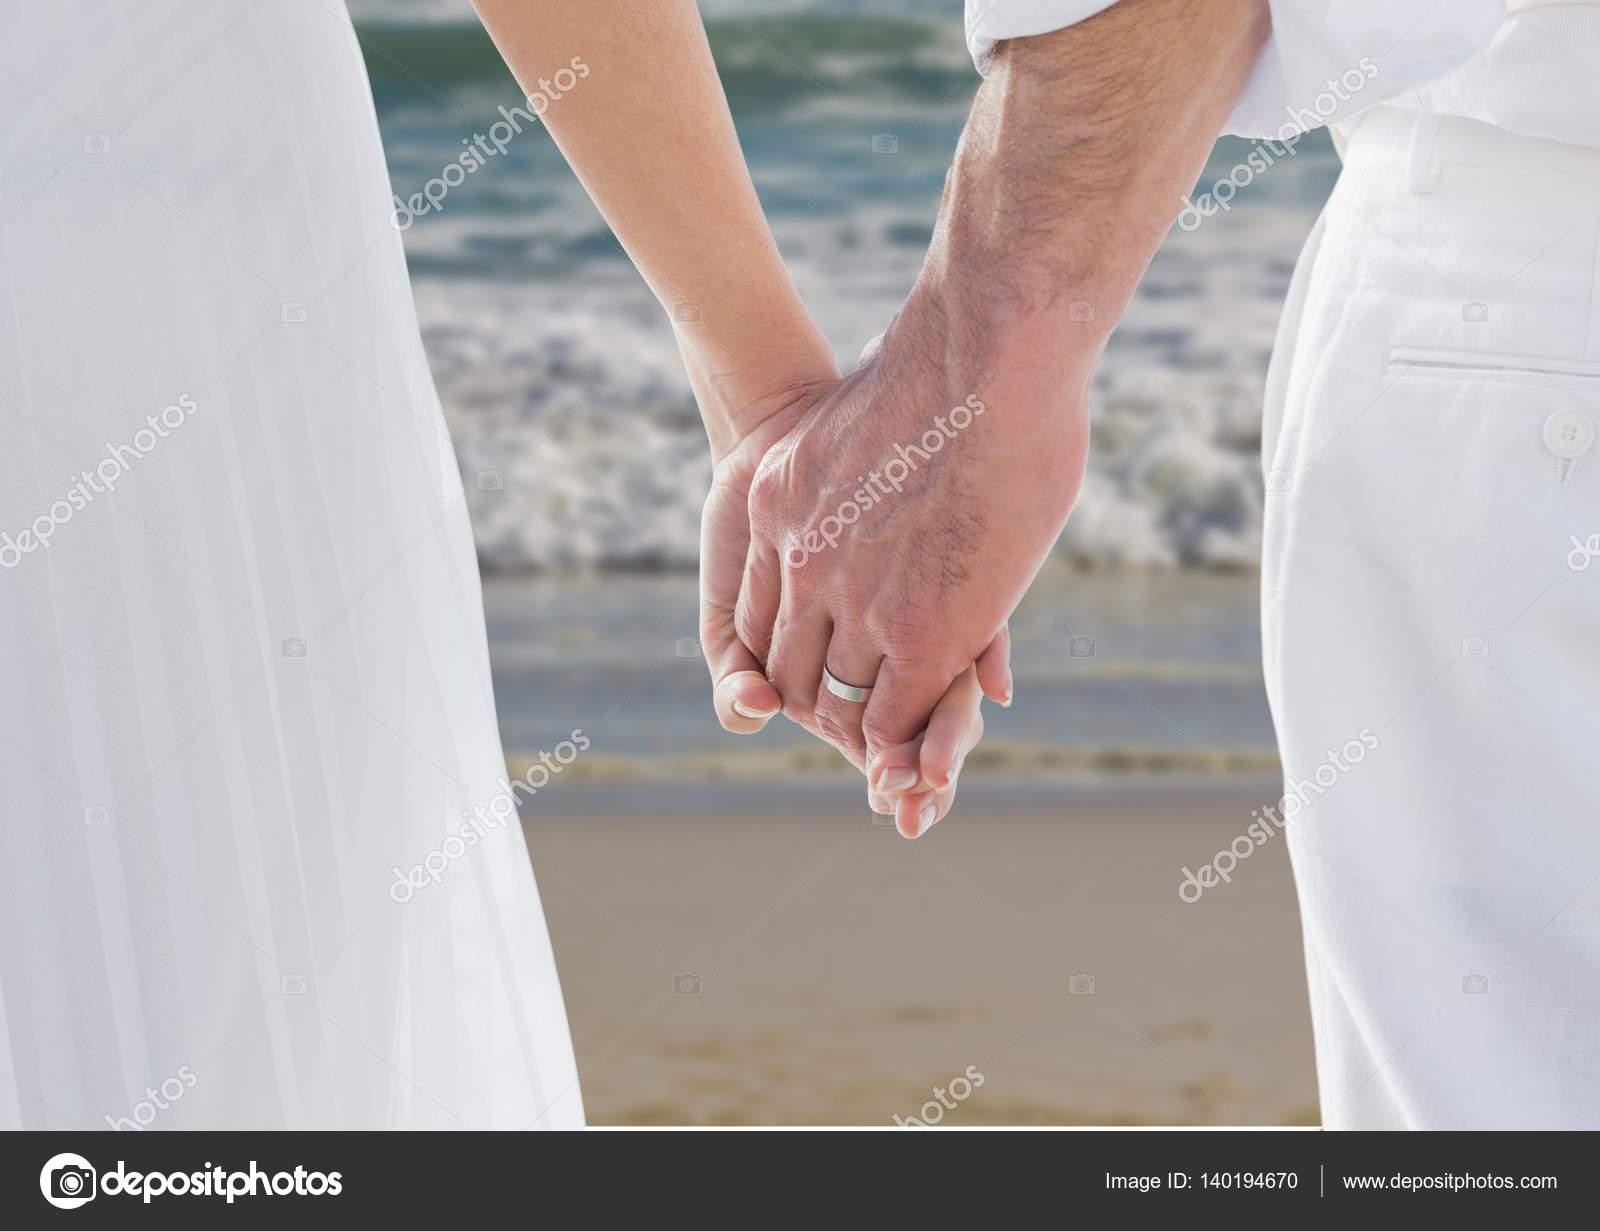 Newlyweds holding hands photo